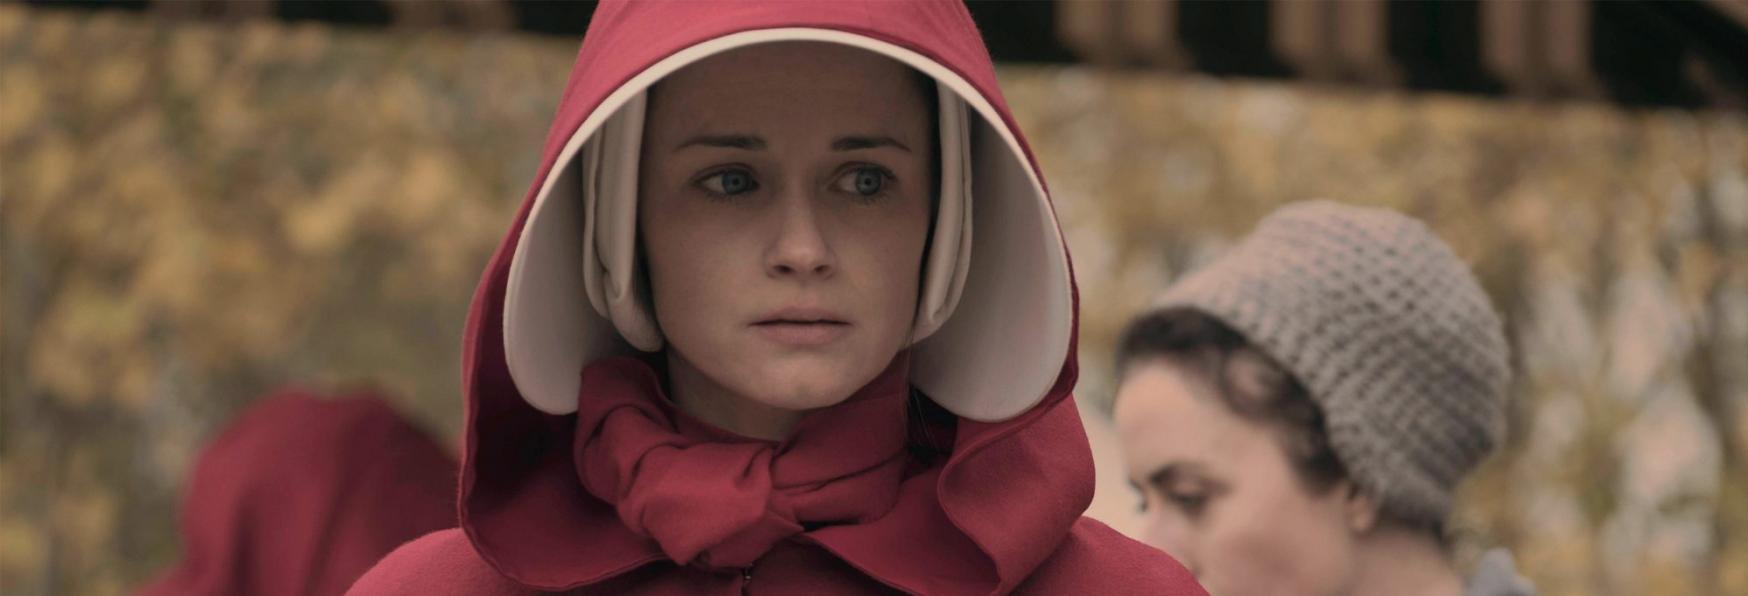 The Handmaid's Tale 4: la nuova Stagione della Serie TV targata Hulu arriverà in Ritardo